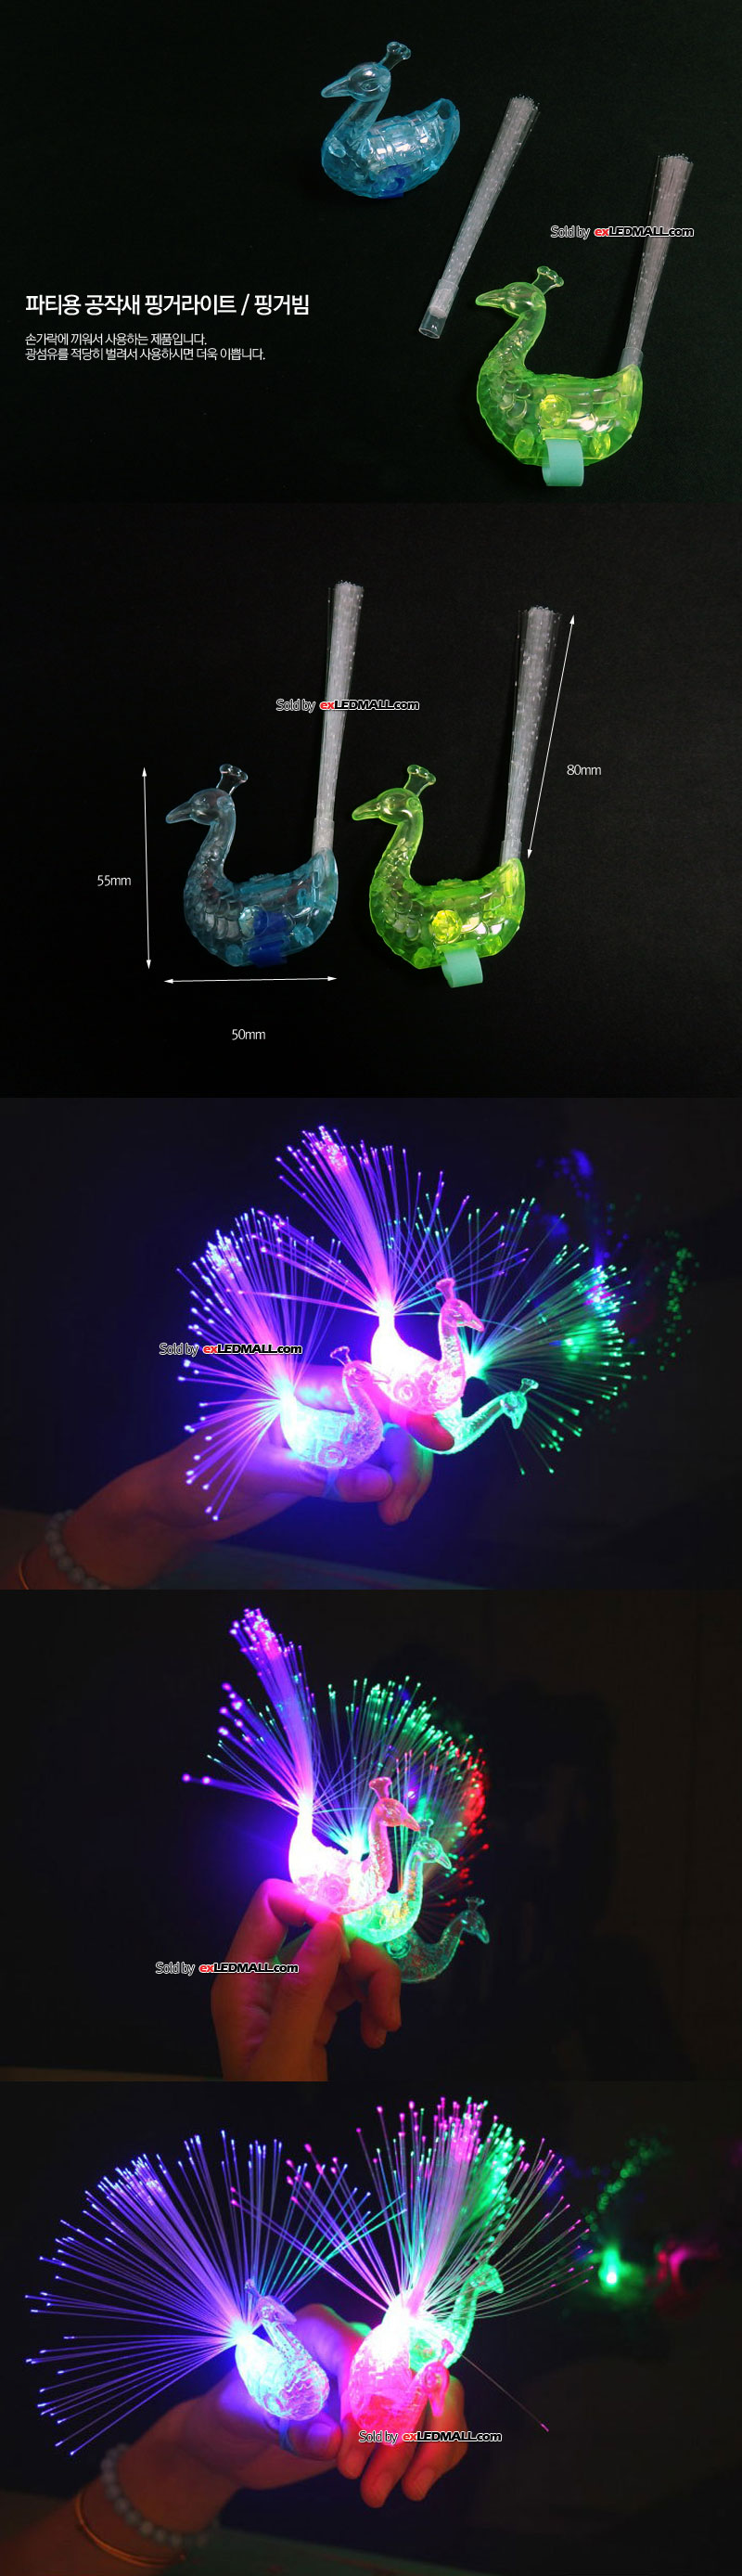 [파티용품] LED 핑거 라이트-공작새 레이져 핑거빔 (랜덤 색상 발송)